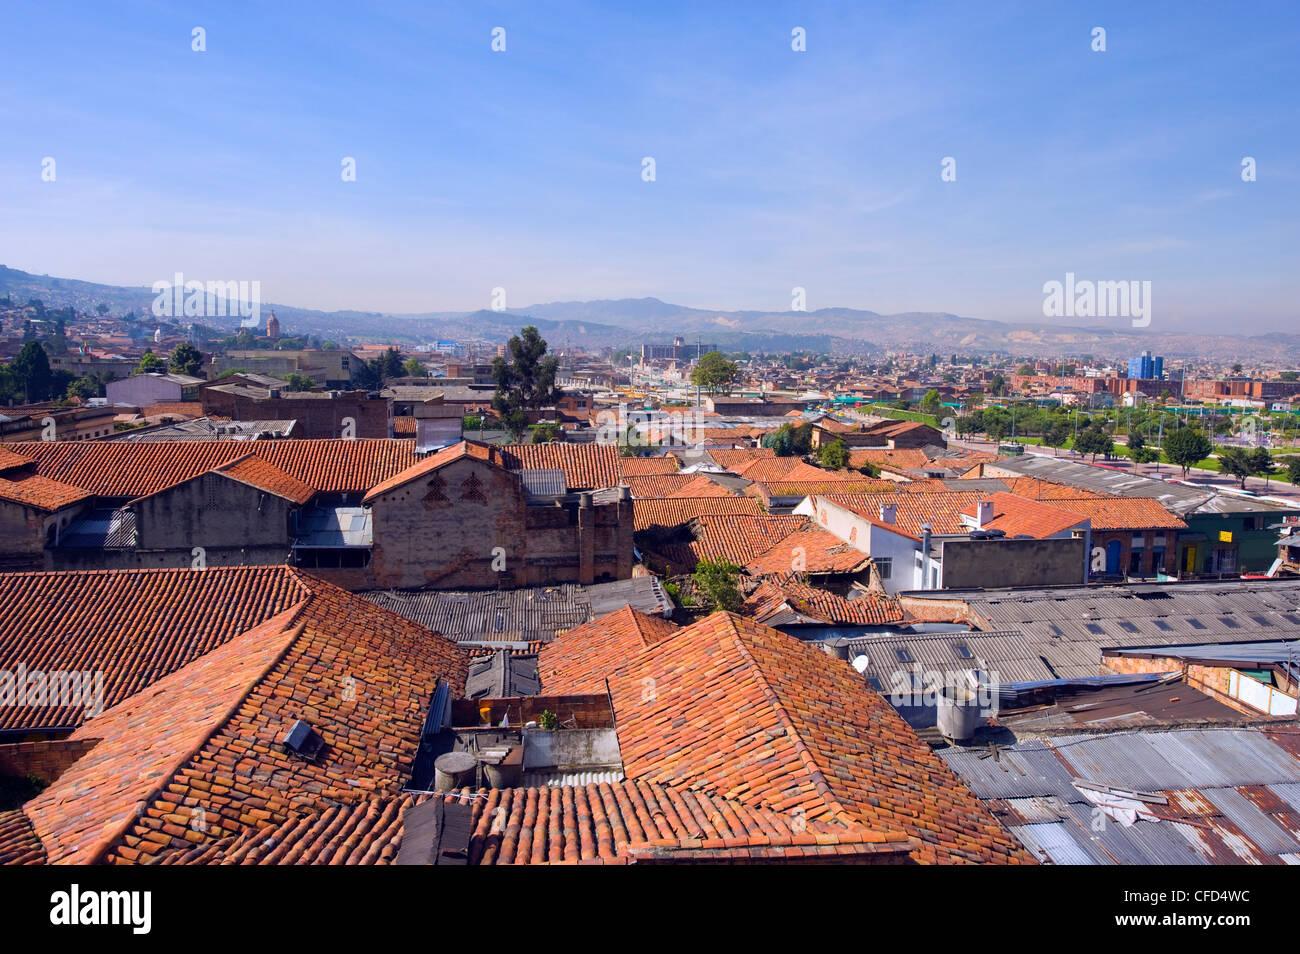 En la azotea, con vistas a la ciudad de Bogotá, Colombia, Sur America Imagen De Stock